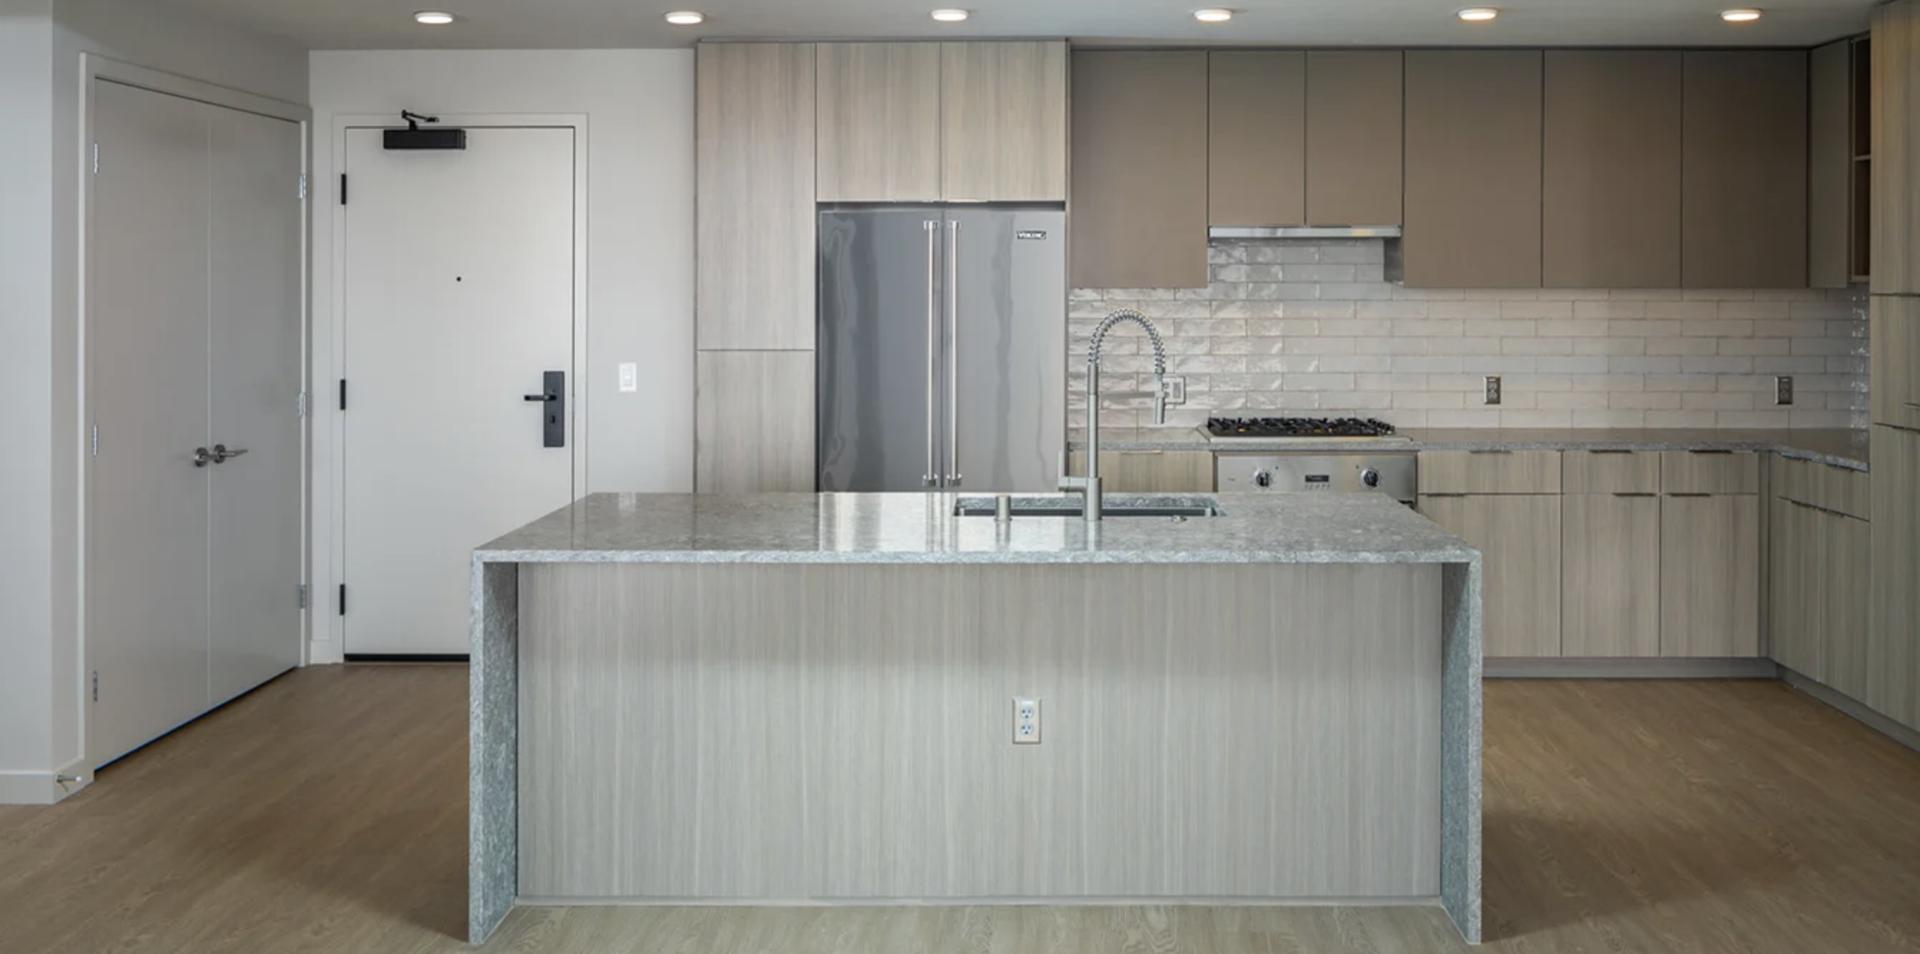 601 11th Avenue #1816, San Diego, CA - $4,990 USD/ month